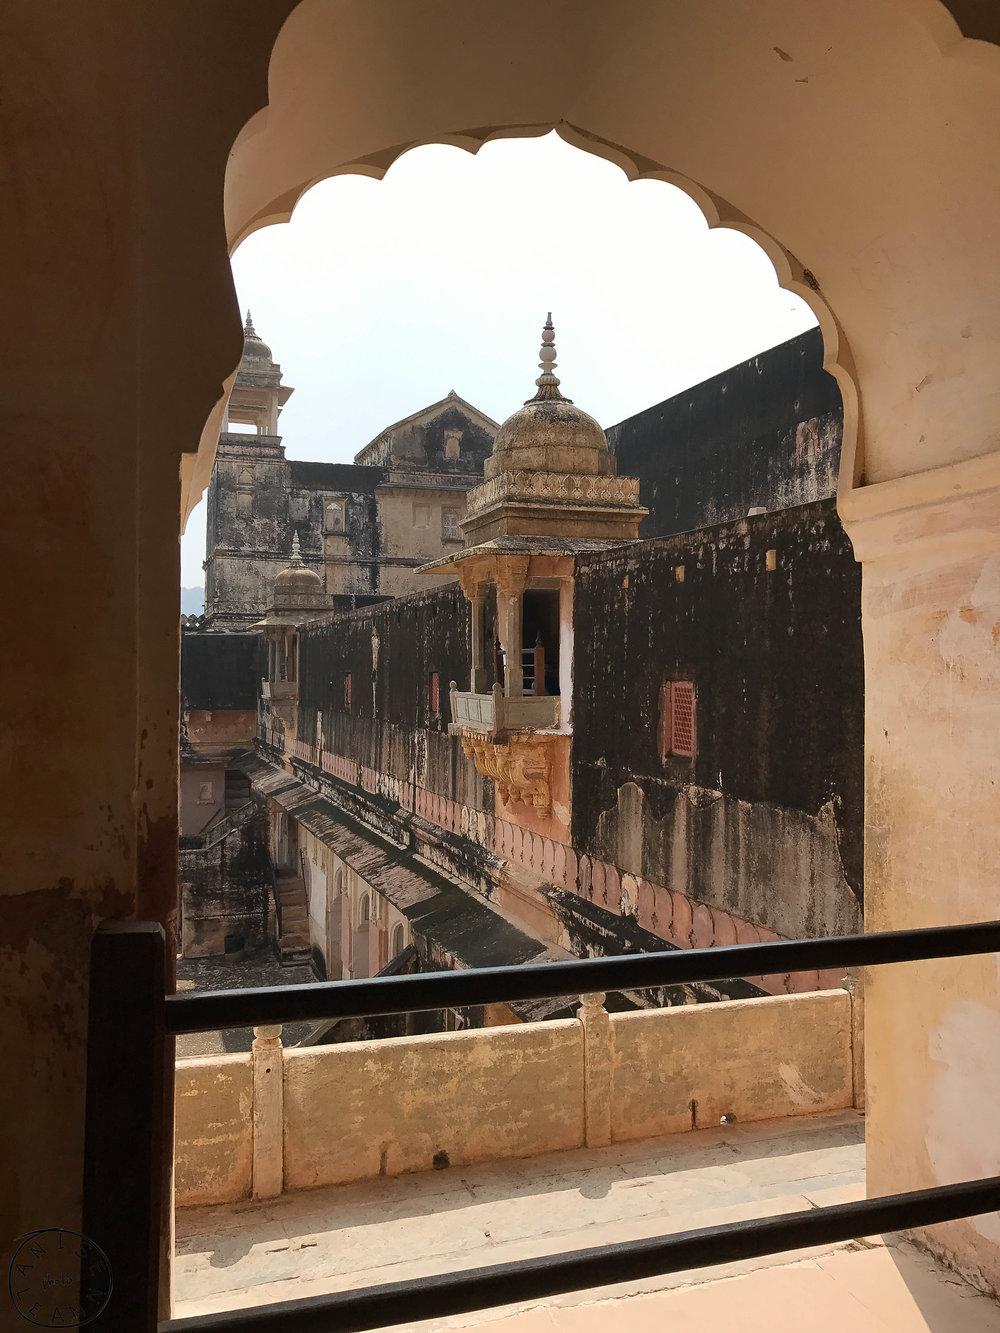 India-Jaipur-Day2-53.jpg